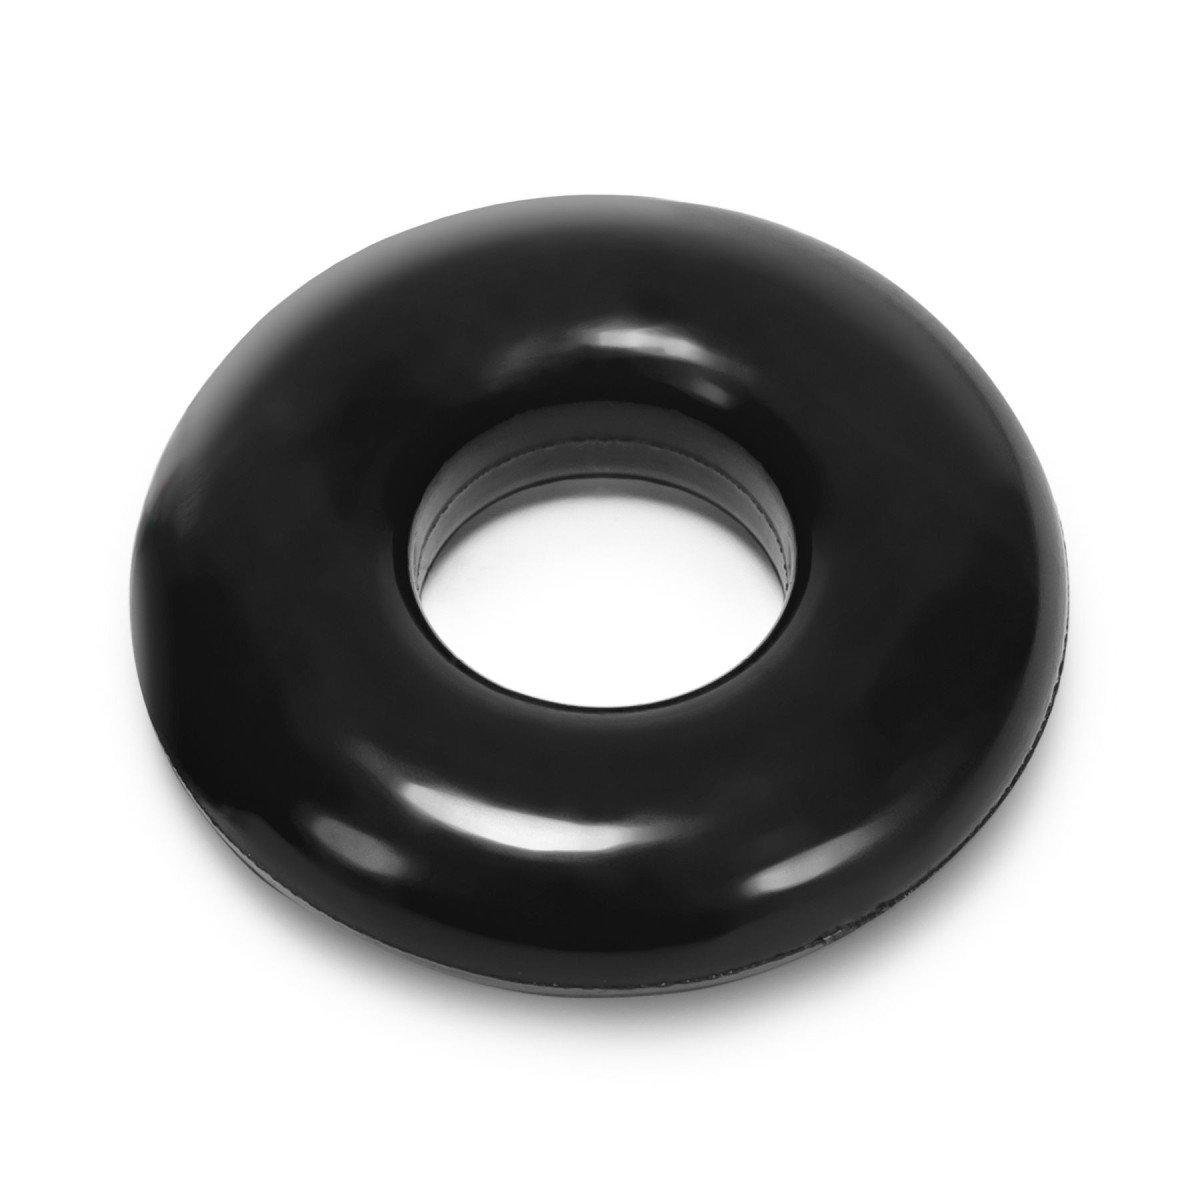 Erekční kroužek Oxballs Do-Nut 2 černý